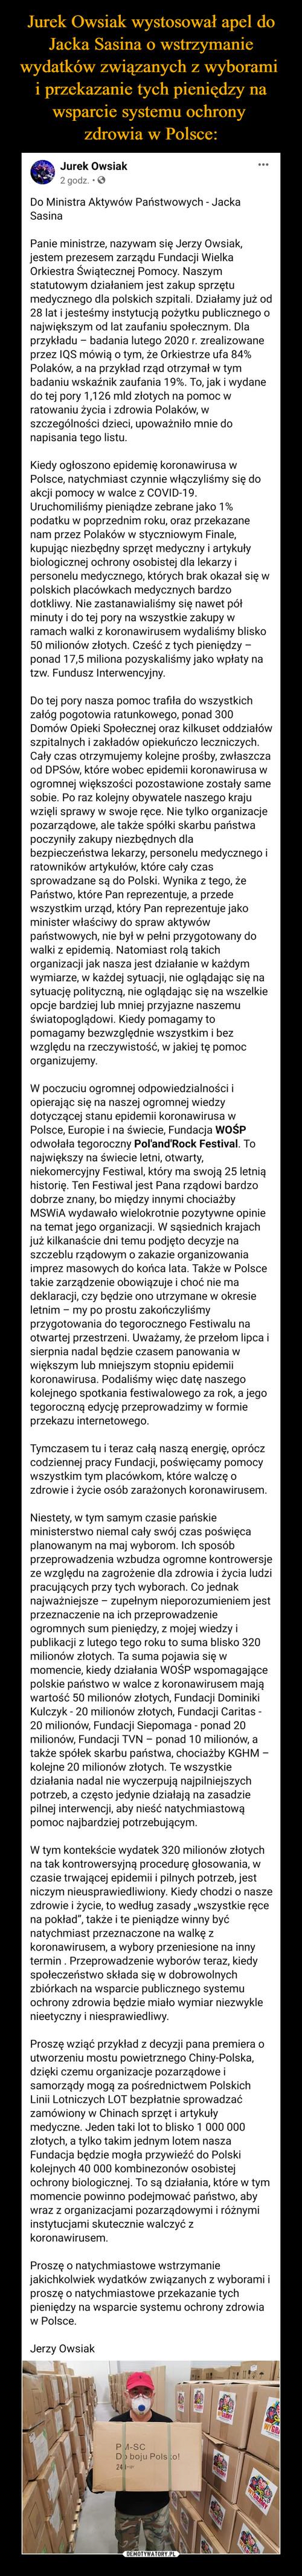 Jurek Owsiak wystosował apel do Jacka Sasina o wstrzymanie wydatków związanych z wyborami  i przekazanie tych pieniędzy na wsparcie systemu ochrony  zdrowia w Polsce: